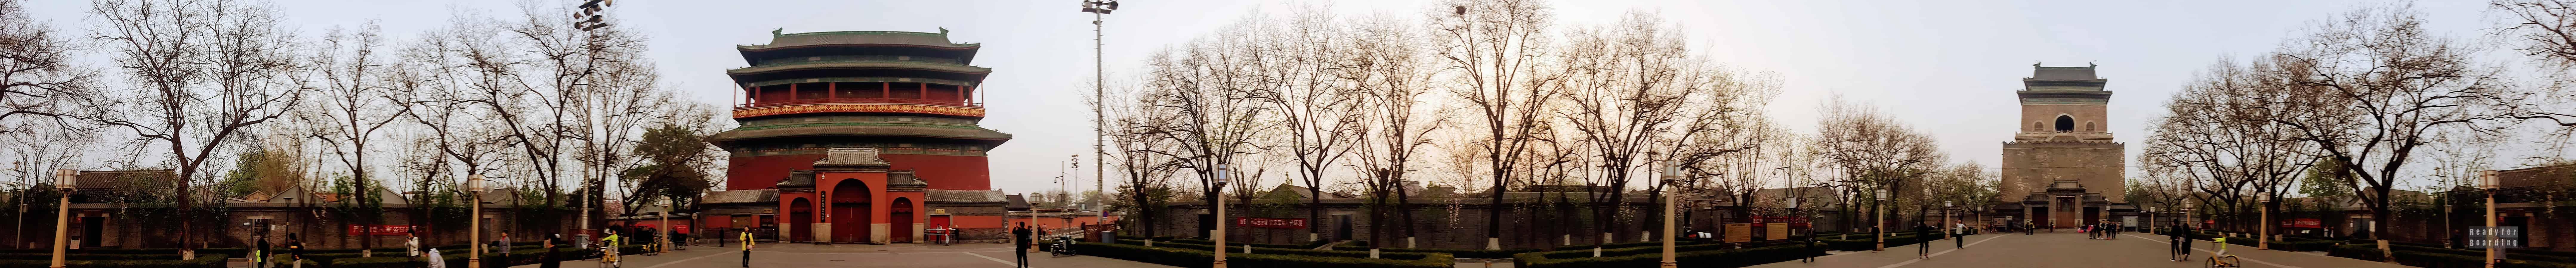 Panorama: Wieży Bębna i Wieży Dzwonu w Pekinie